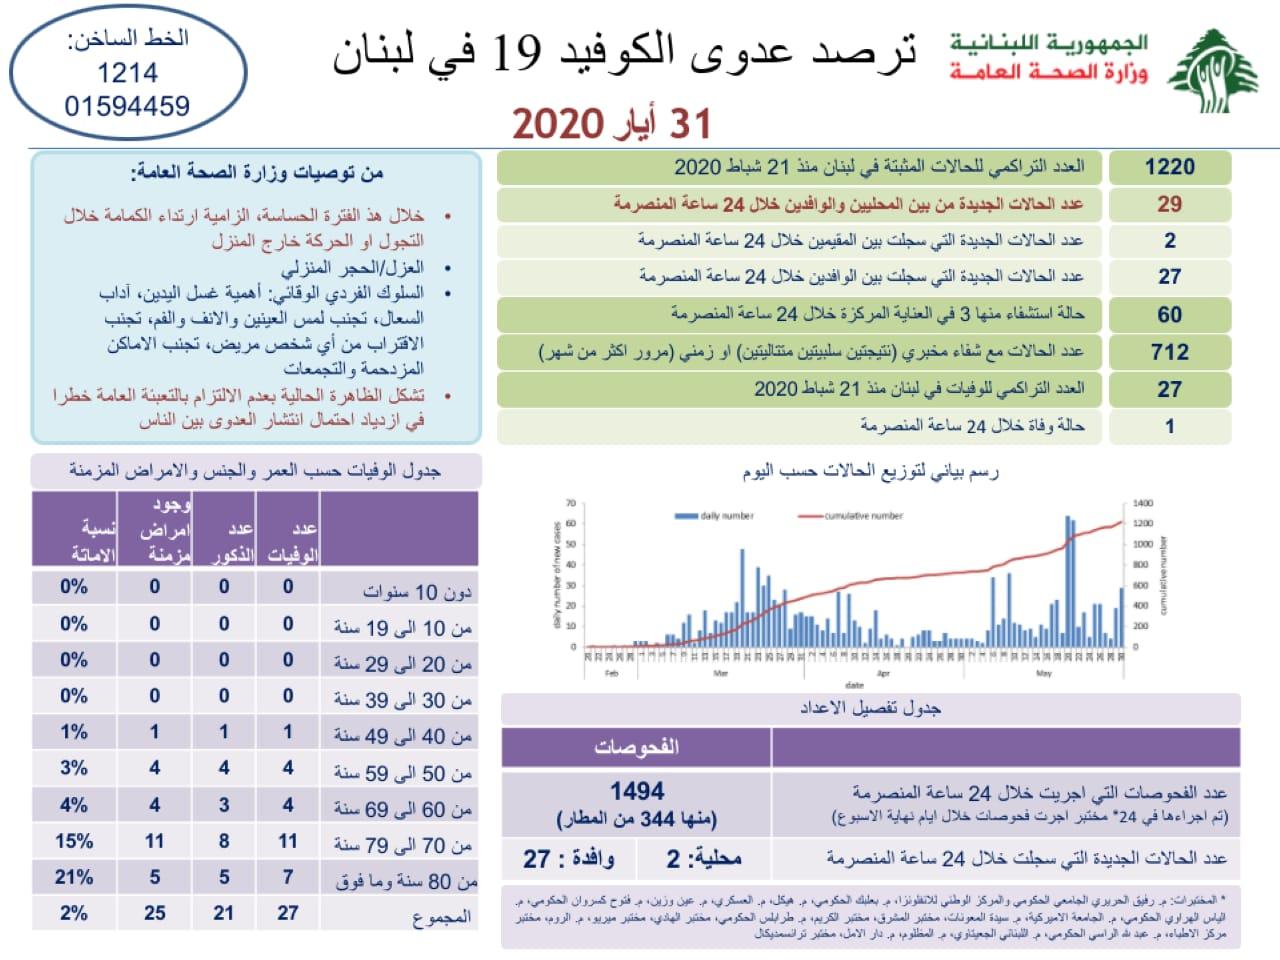 وزارة الصحة: 29 إصابة جديدة وحالة وفاة واحدة